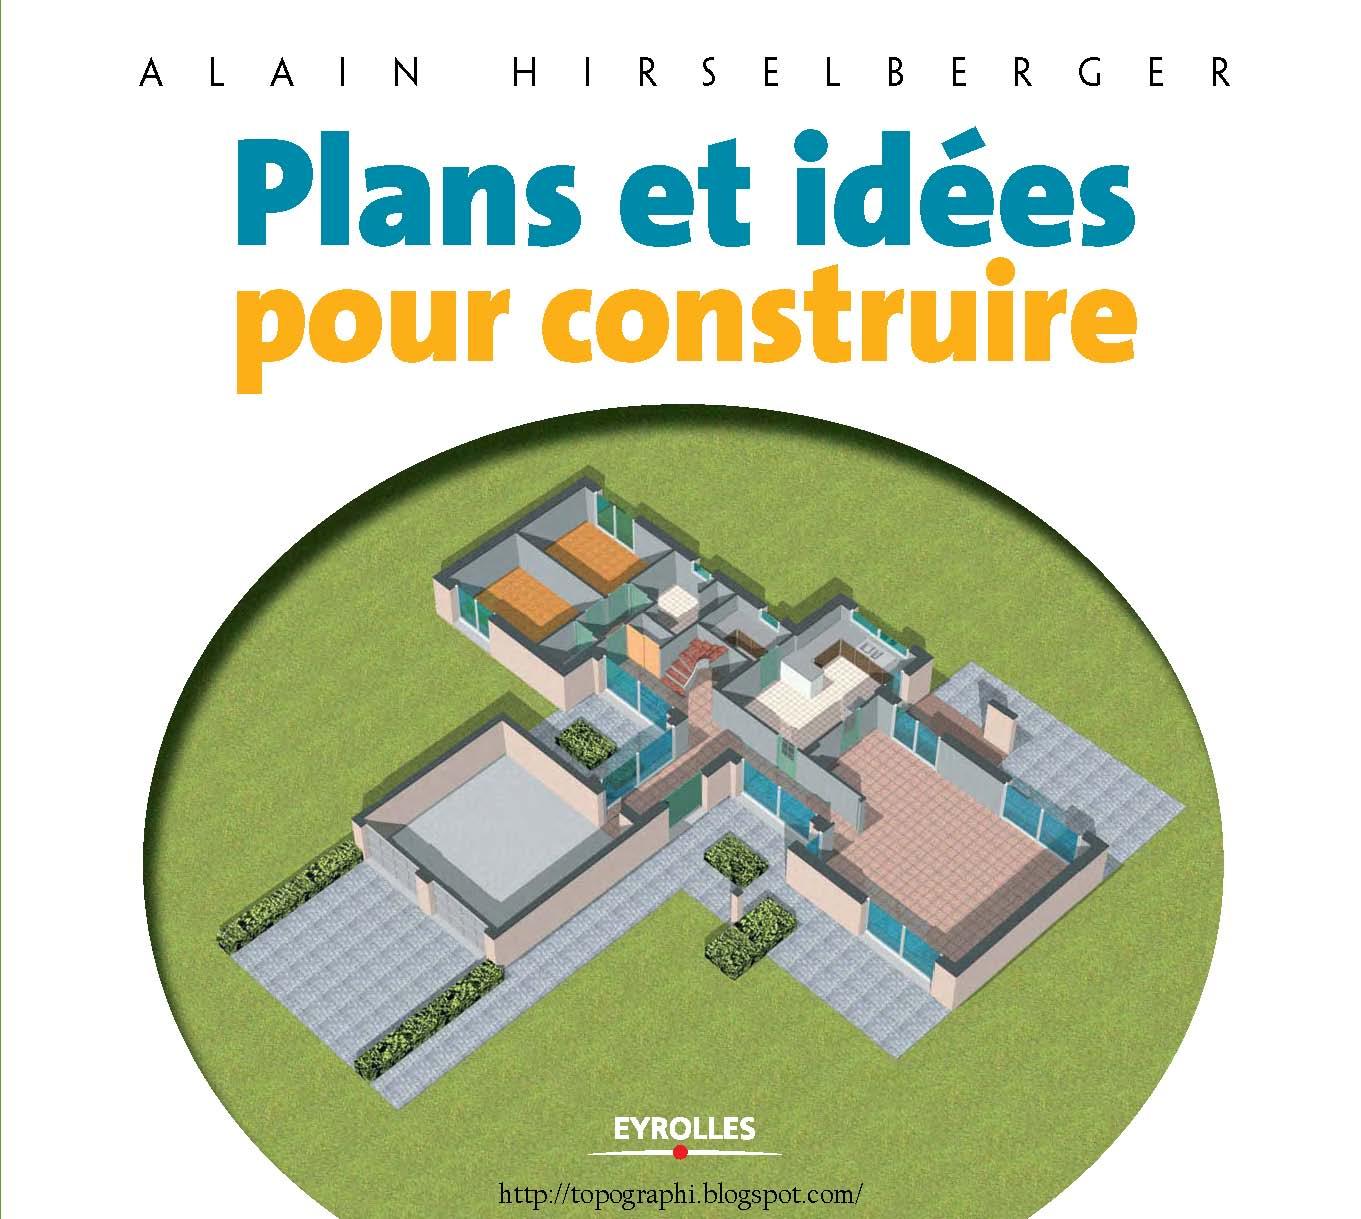 Topographie plans et idees pour construire - Plan pour construire maison ...